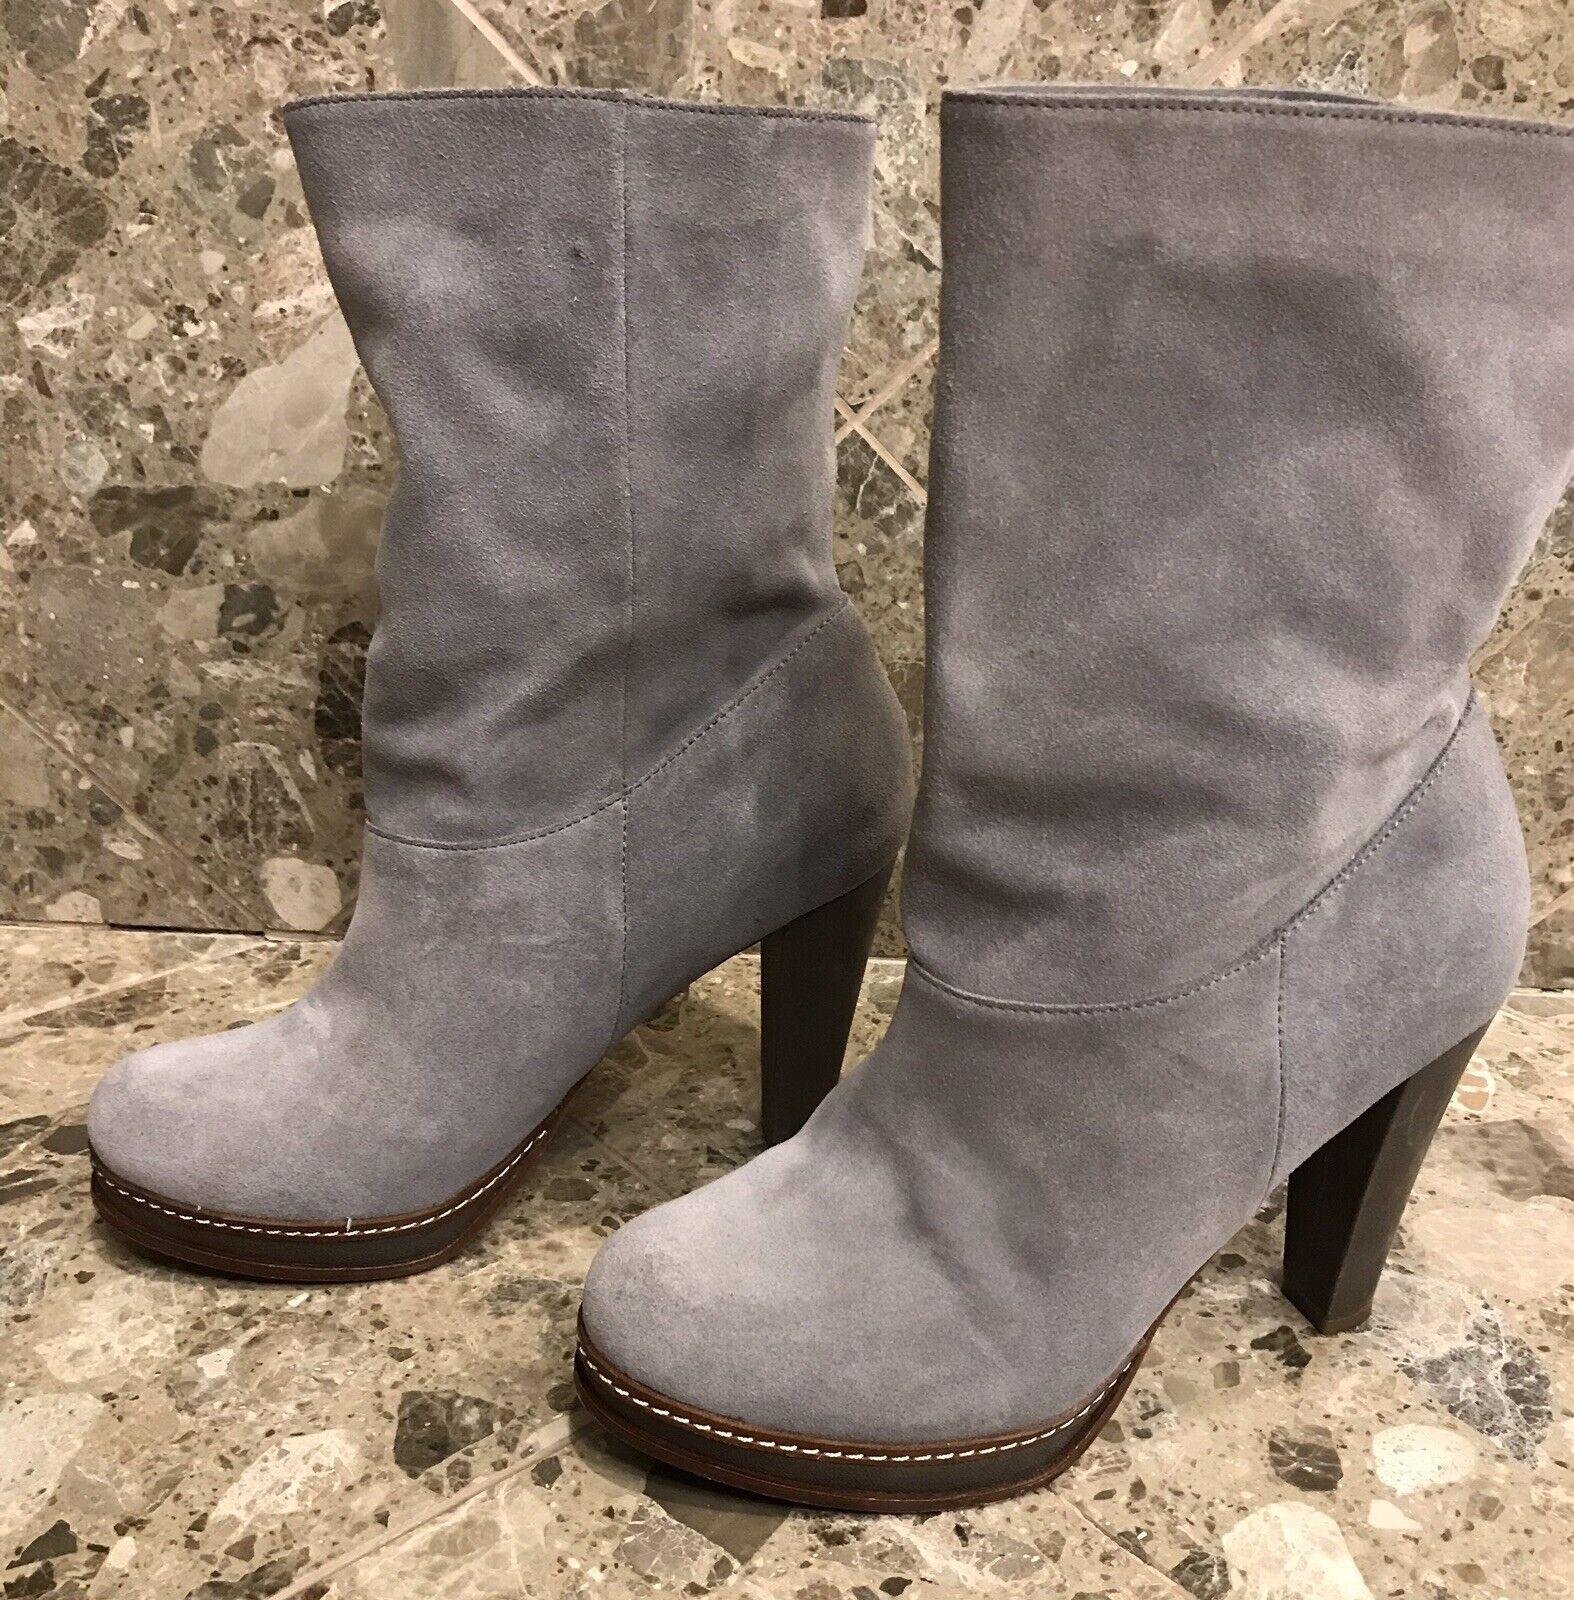 A la venta con descuento del 70%. Cole Haan Para Mujer botas De De De Plataforma gris Gamuza Ironstone Slouch US 9.5B  tienda de pescado para la venta